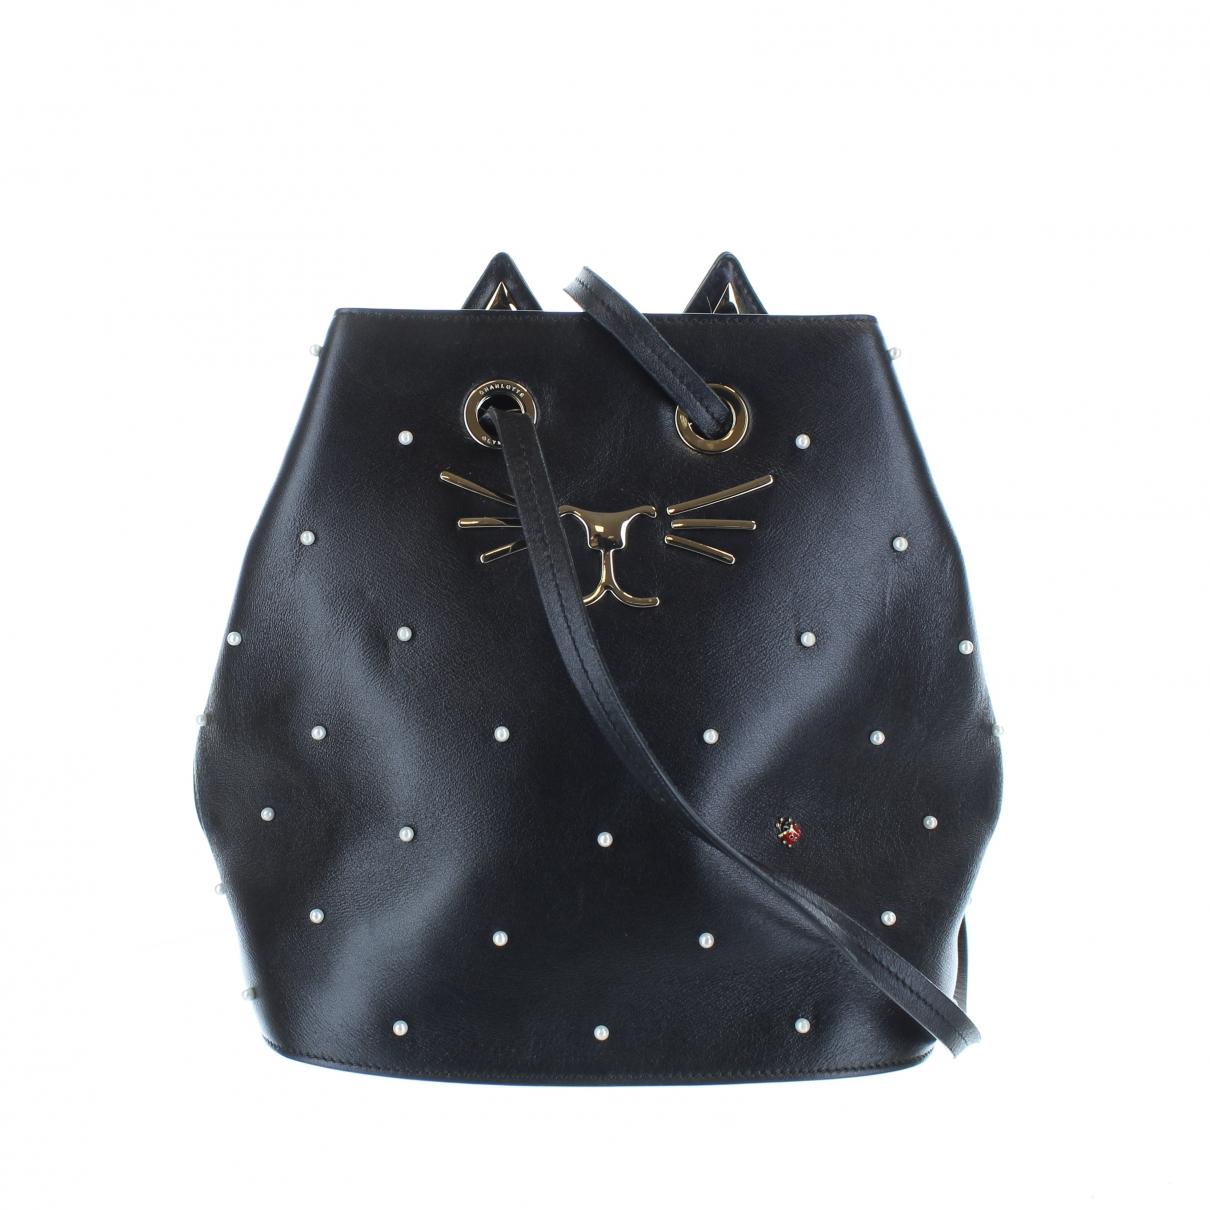 Charlotte Olympia \N Handtasche in  Schwarz Leder